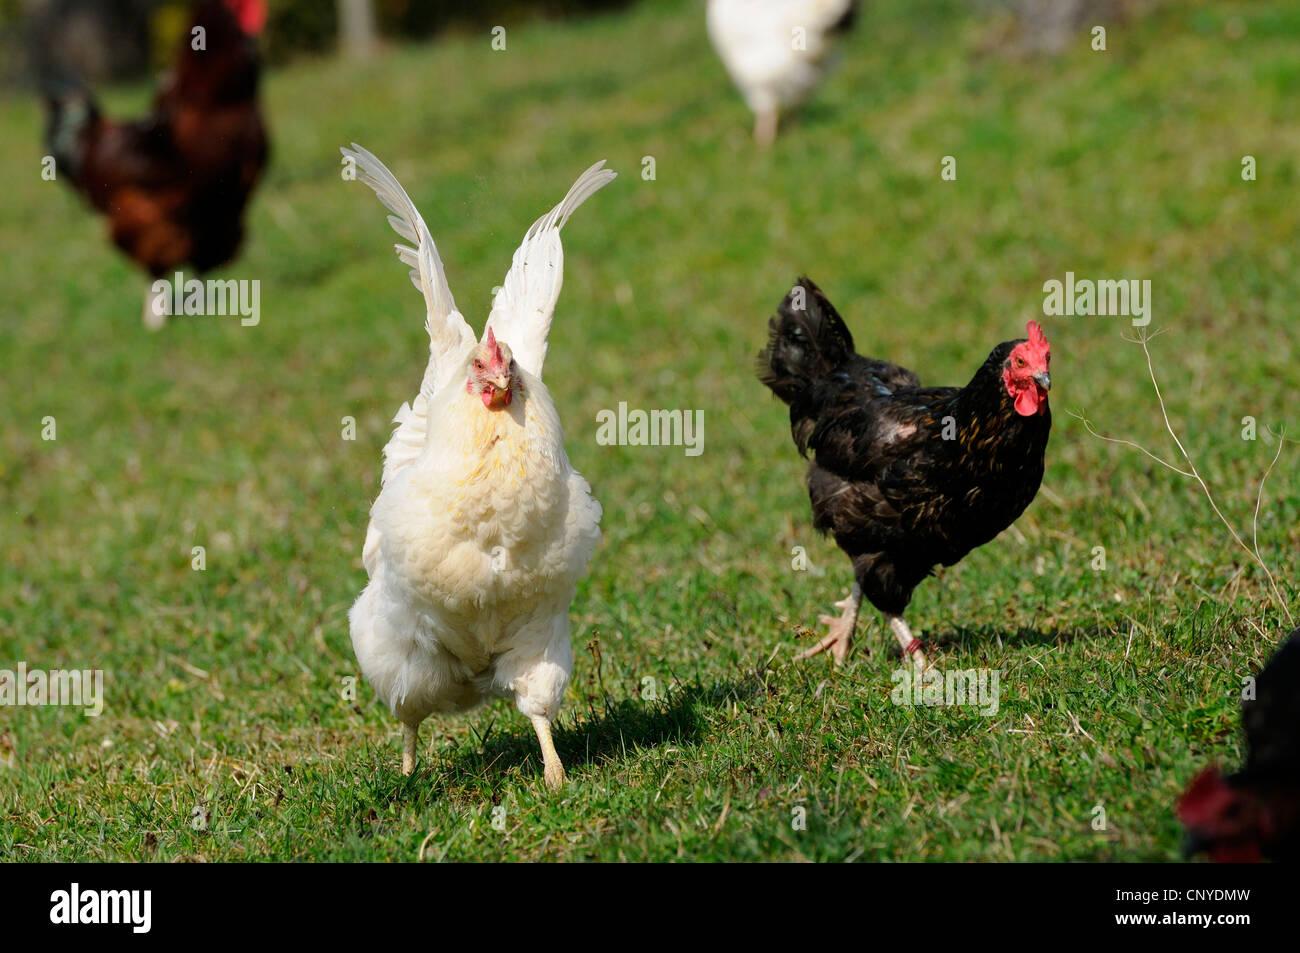 domestic fowl (Gallus gallus f. domestica), hens in meadow - Stock Image